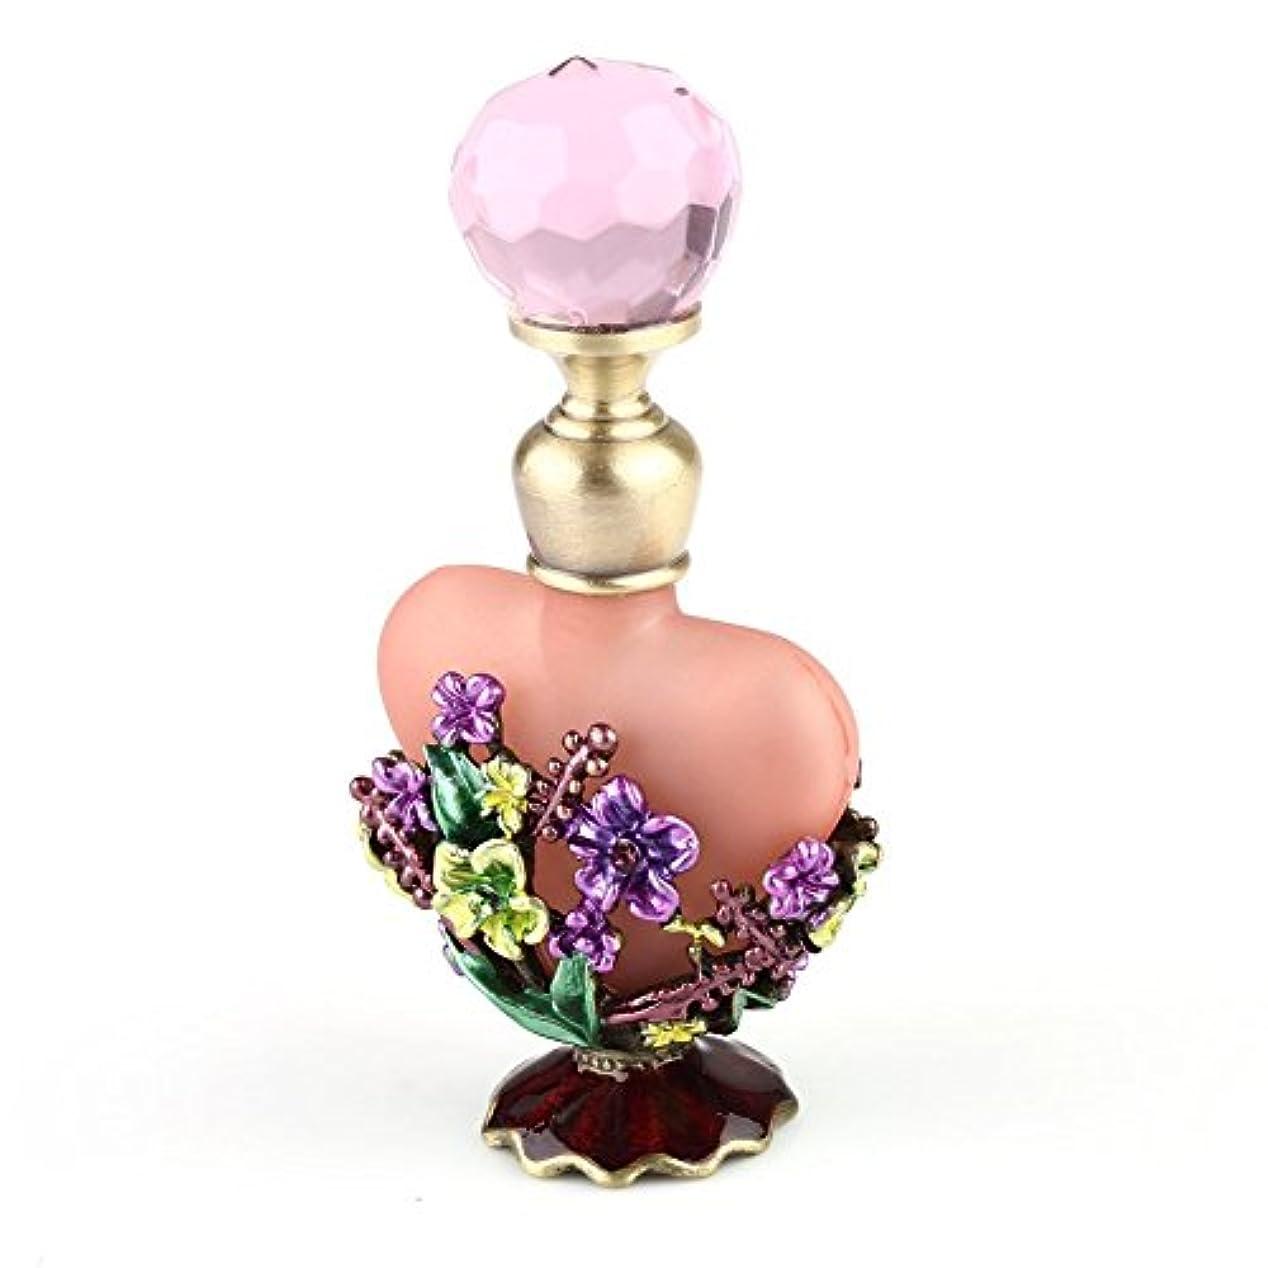 ストッキング親桃VERY100 高品質 美しい香水瓶/アロマボトル 5ML ピンク アロマオイル用瓶 綺麗アンティーク調フラワーデザイン プレゼント 結婚式 飾り